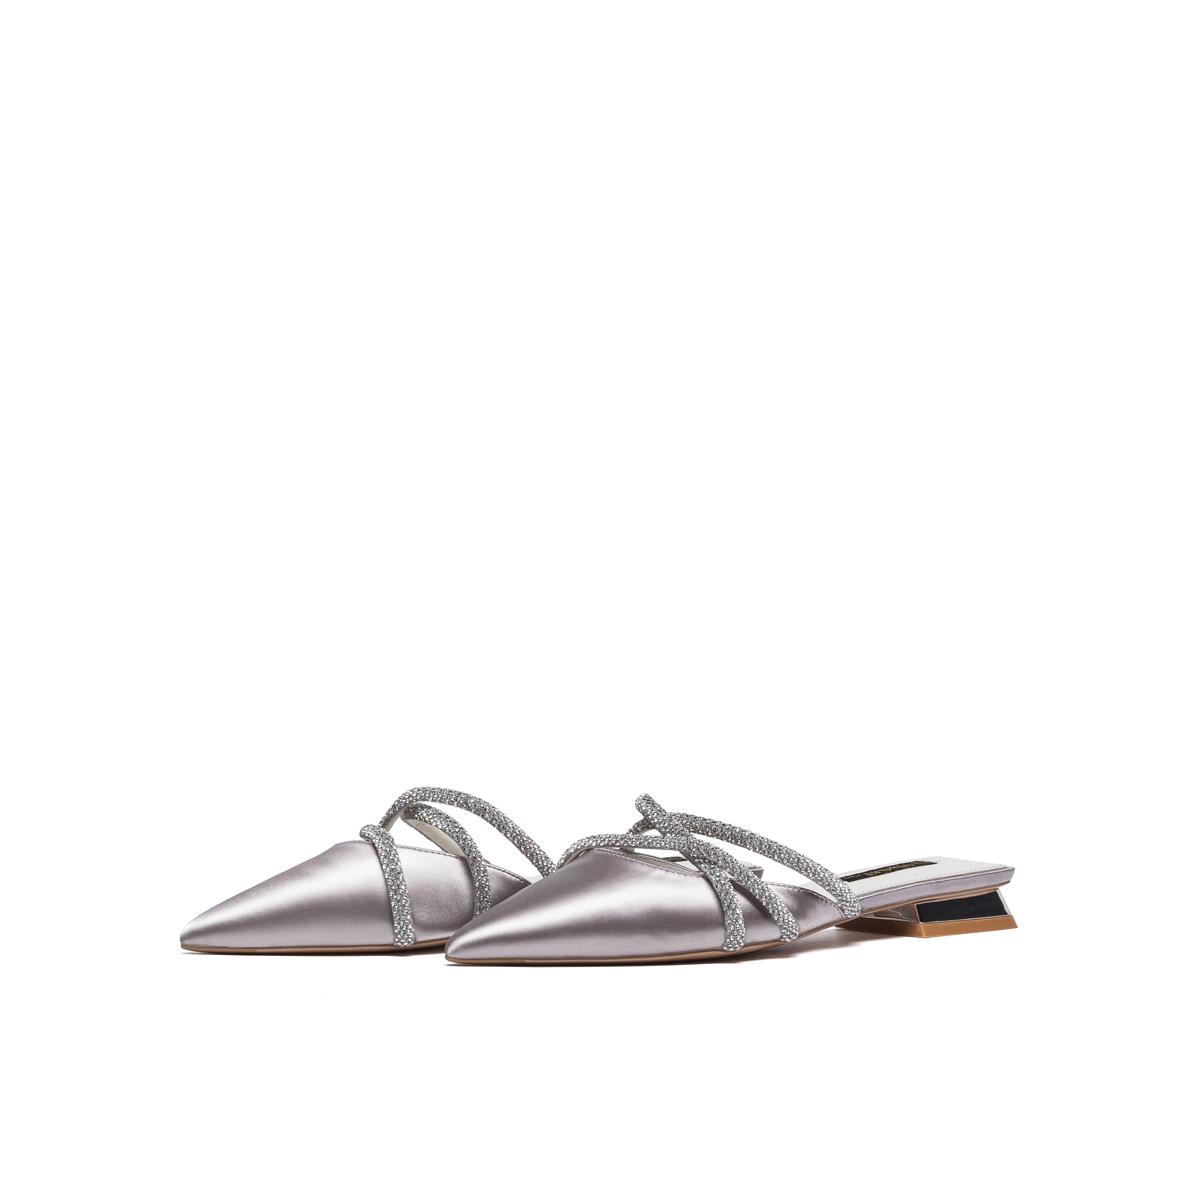 SS11114107 春夏新款欧美风尖头低跟包头拖半拖鞋 2021 星期六穆勒鞋